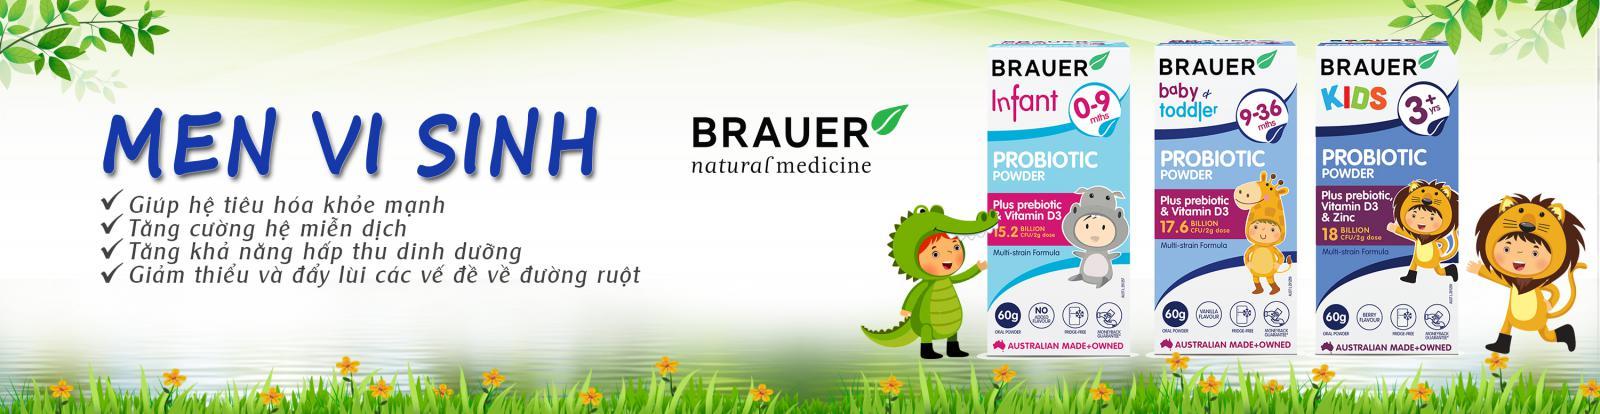 Tìm đại lý, nhà phân phối sản phẩm Brauer nội địa Úc tại thị trường miền Bắc